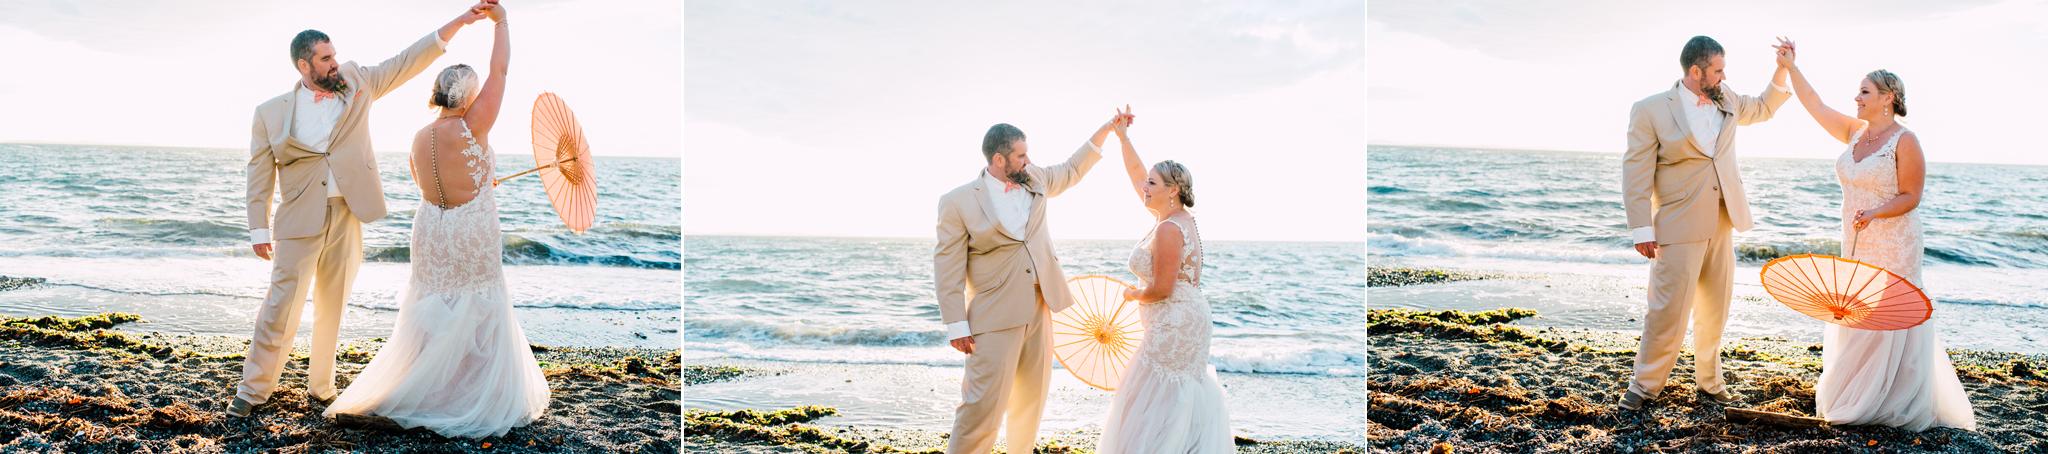 022-bellingham-wedding-photographer-beach-katheryn-moran-elisa-phillip.jpg